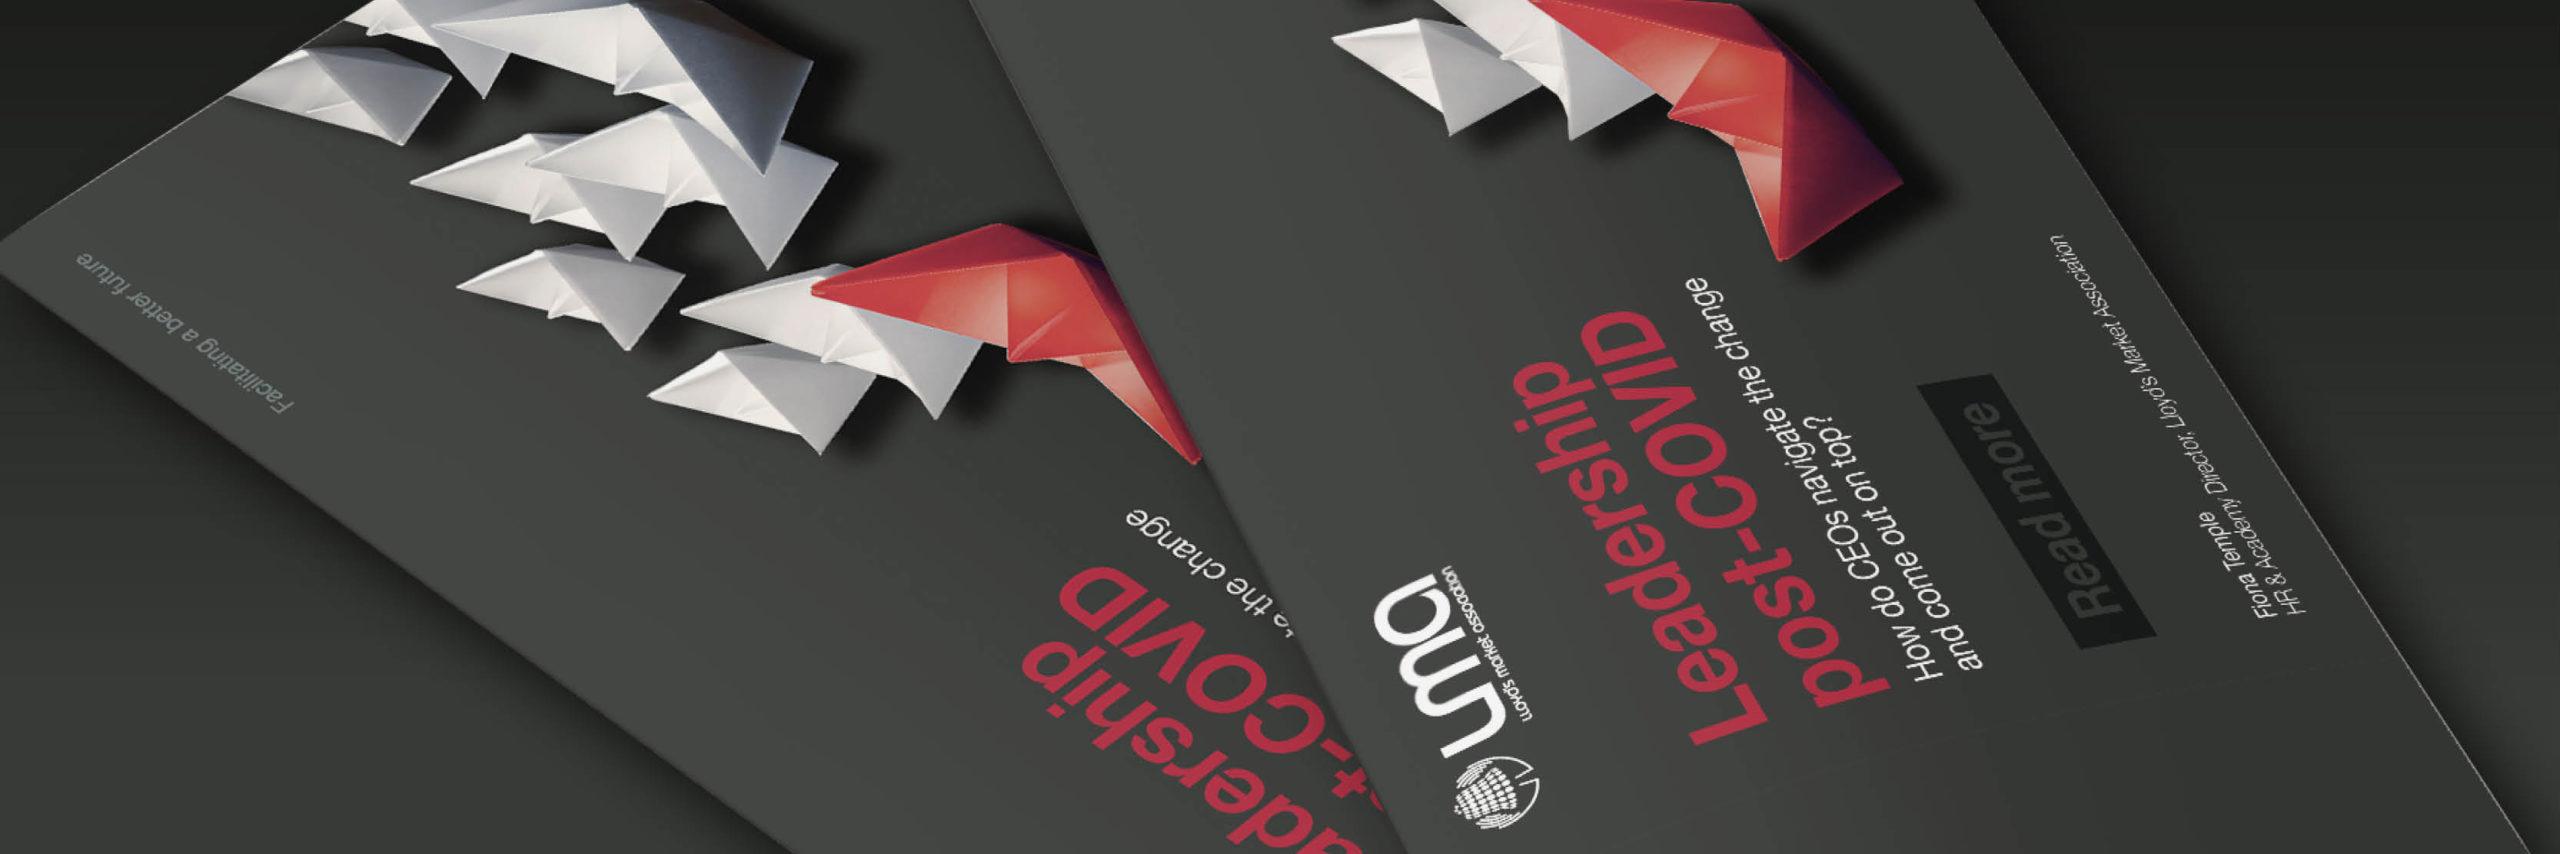 Lloyd's Market Association branding, Branding and design for insurance, brochure design